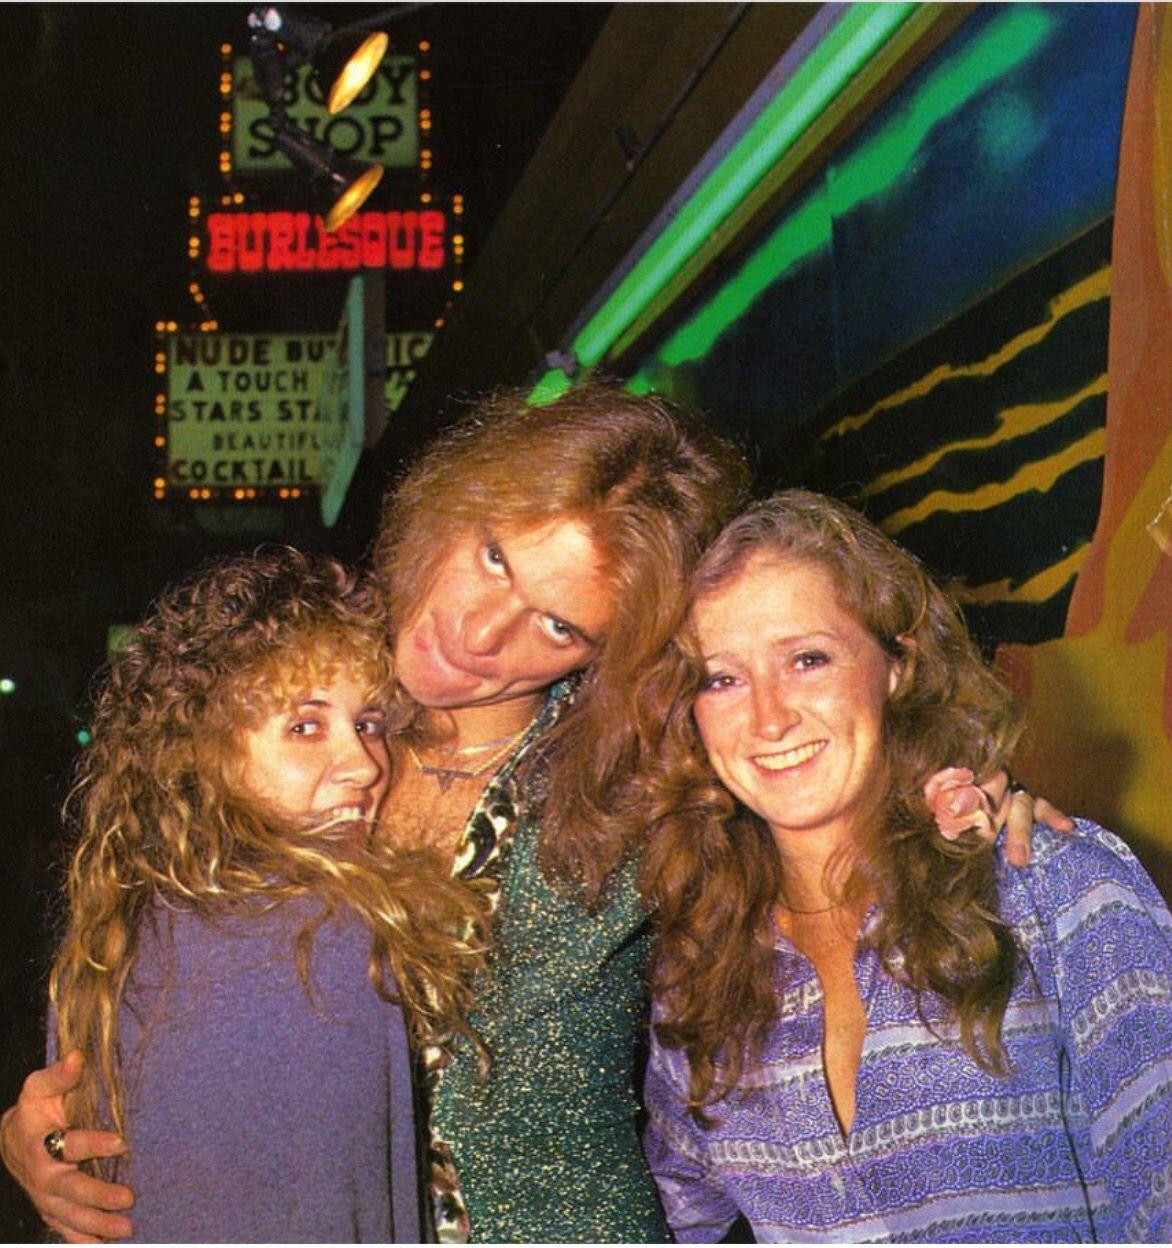 David Lee Roth Bonnie Stevie Stevie Nicks Bonnie Raitt David Lee Roth